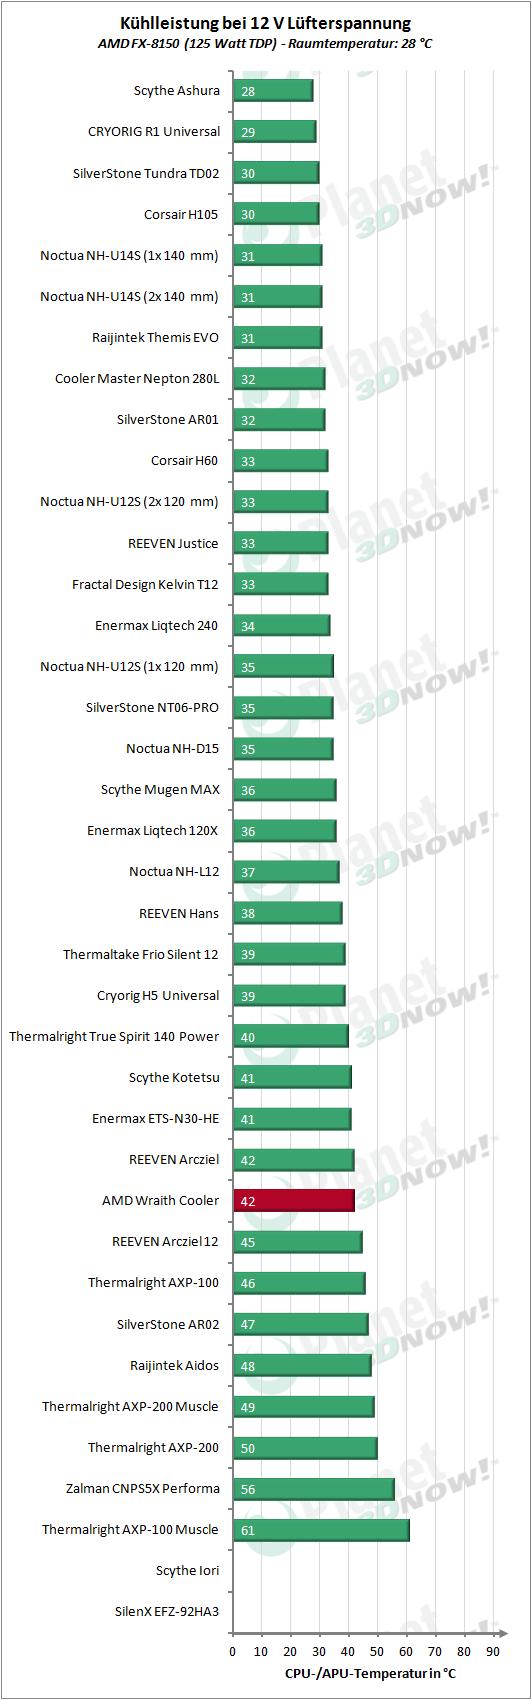 AMD_Wraith_Cooler_12V_125W